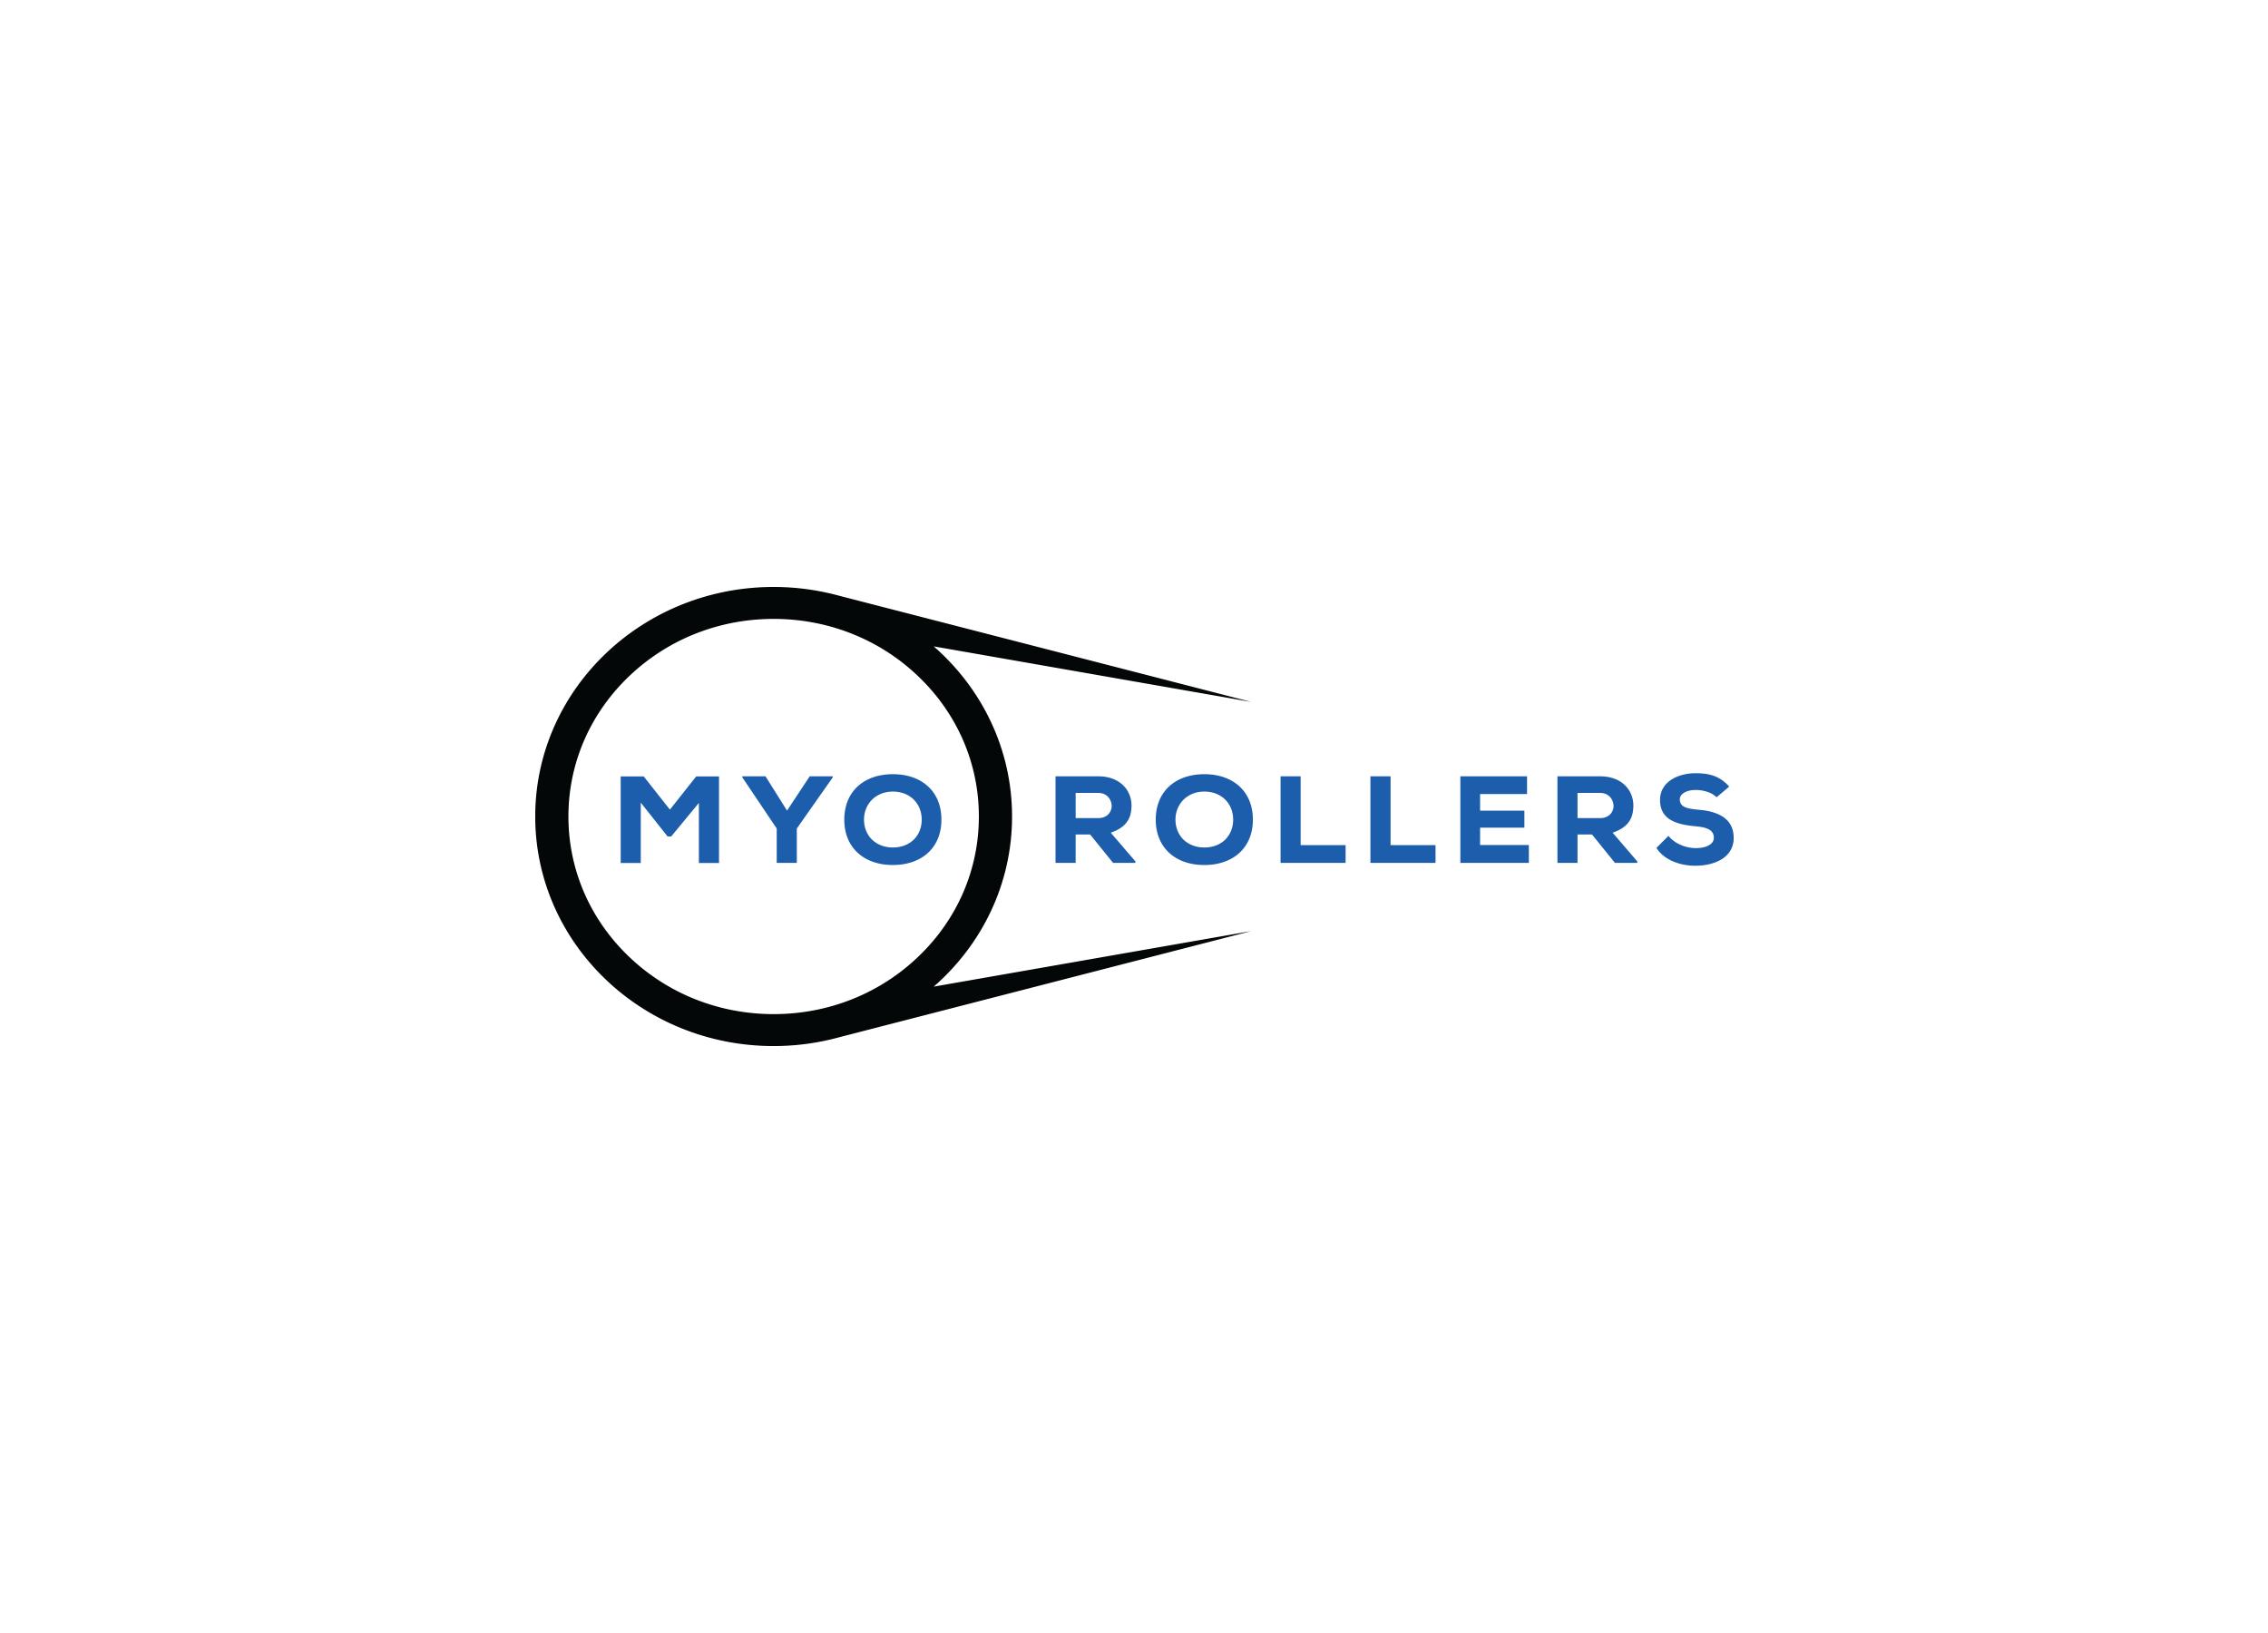 Myo-Rollers.png